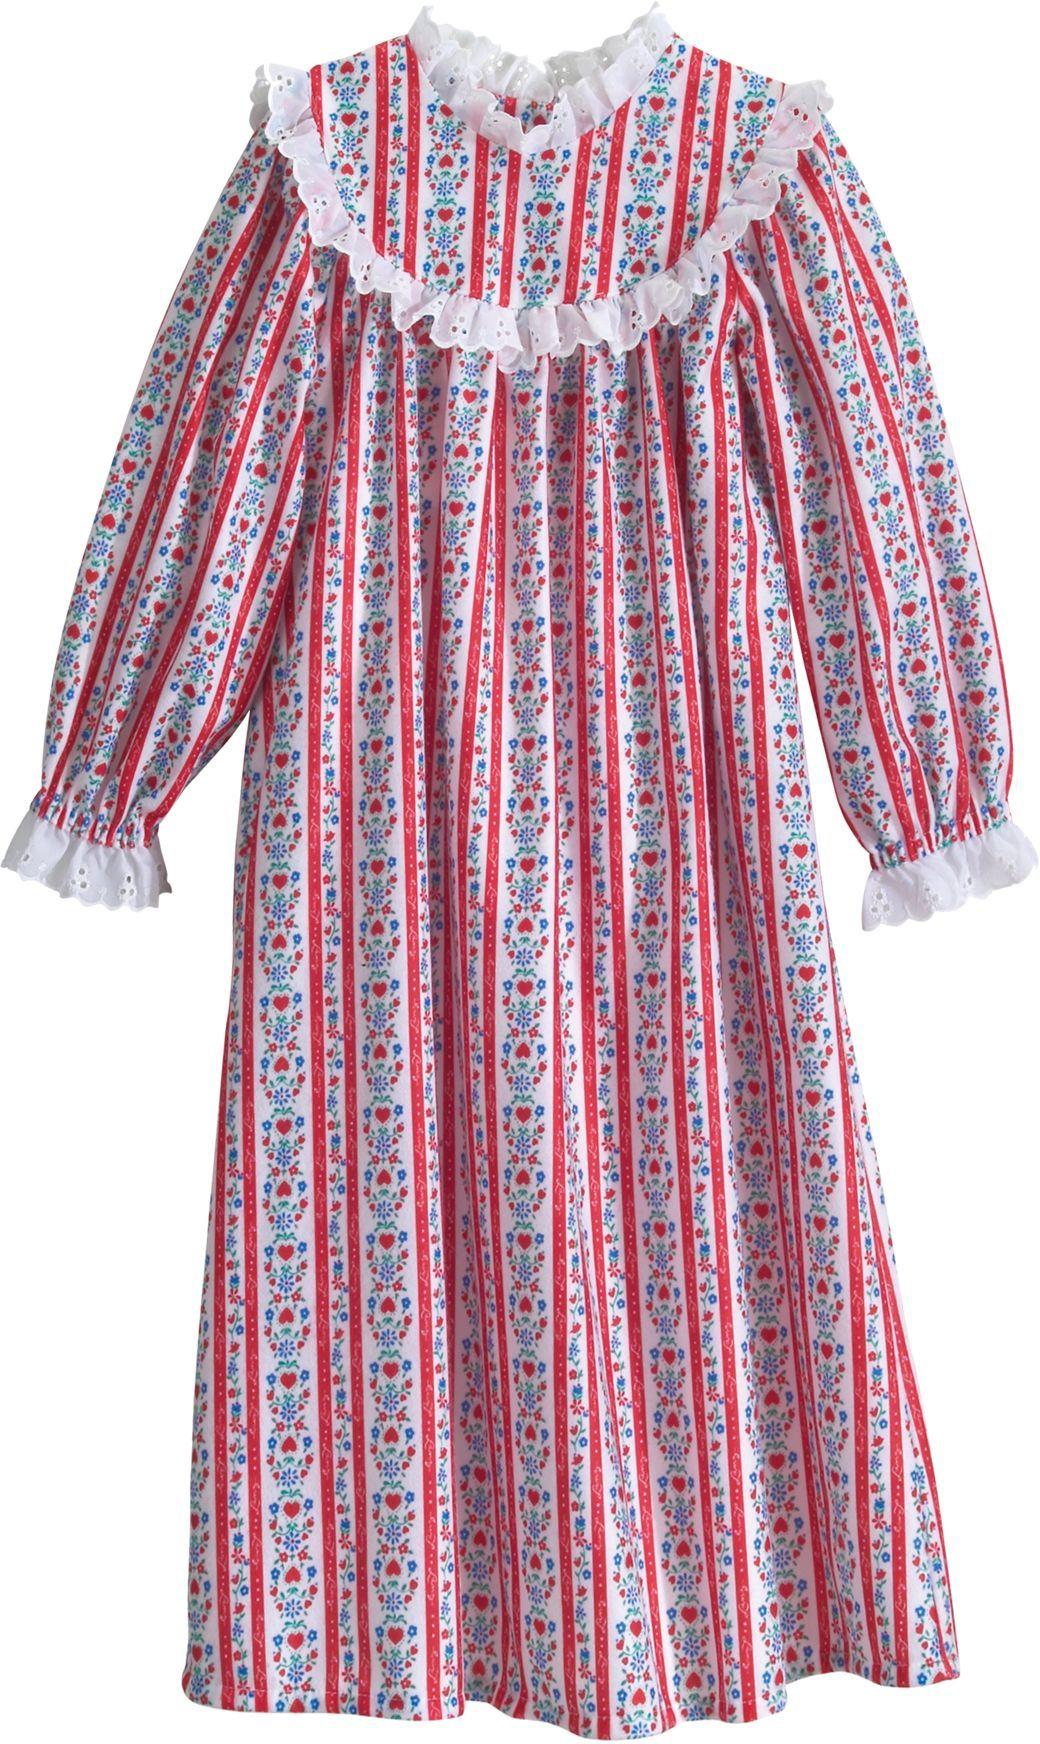 lanz of salzburg girls nightgown girls flannel christmas nightgown - Girls Christmas Nightgowns